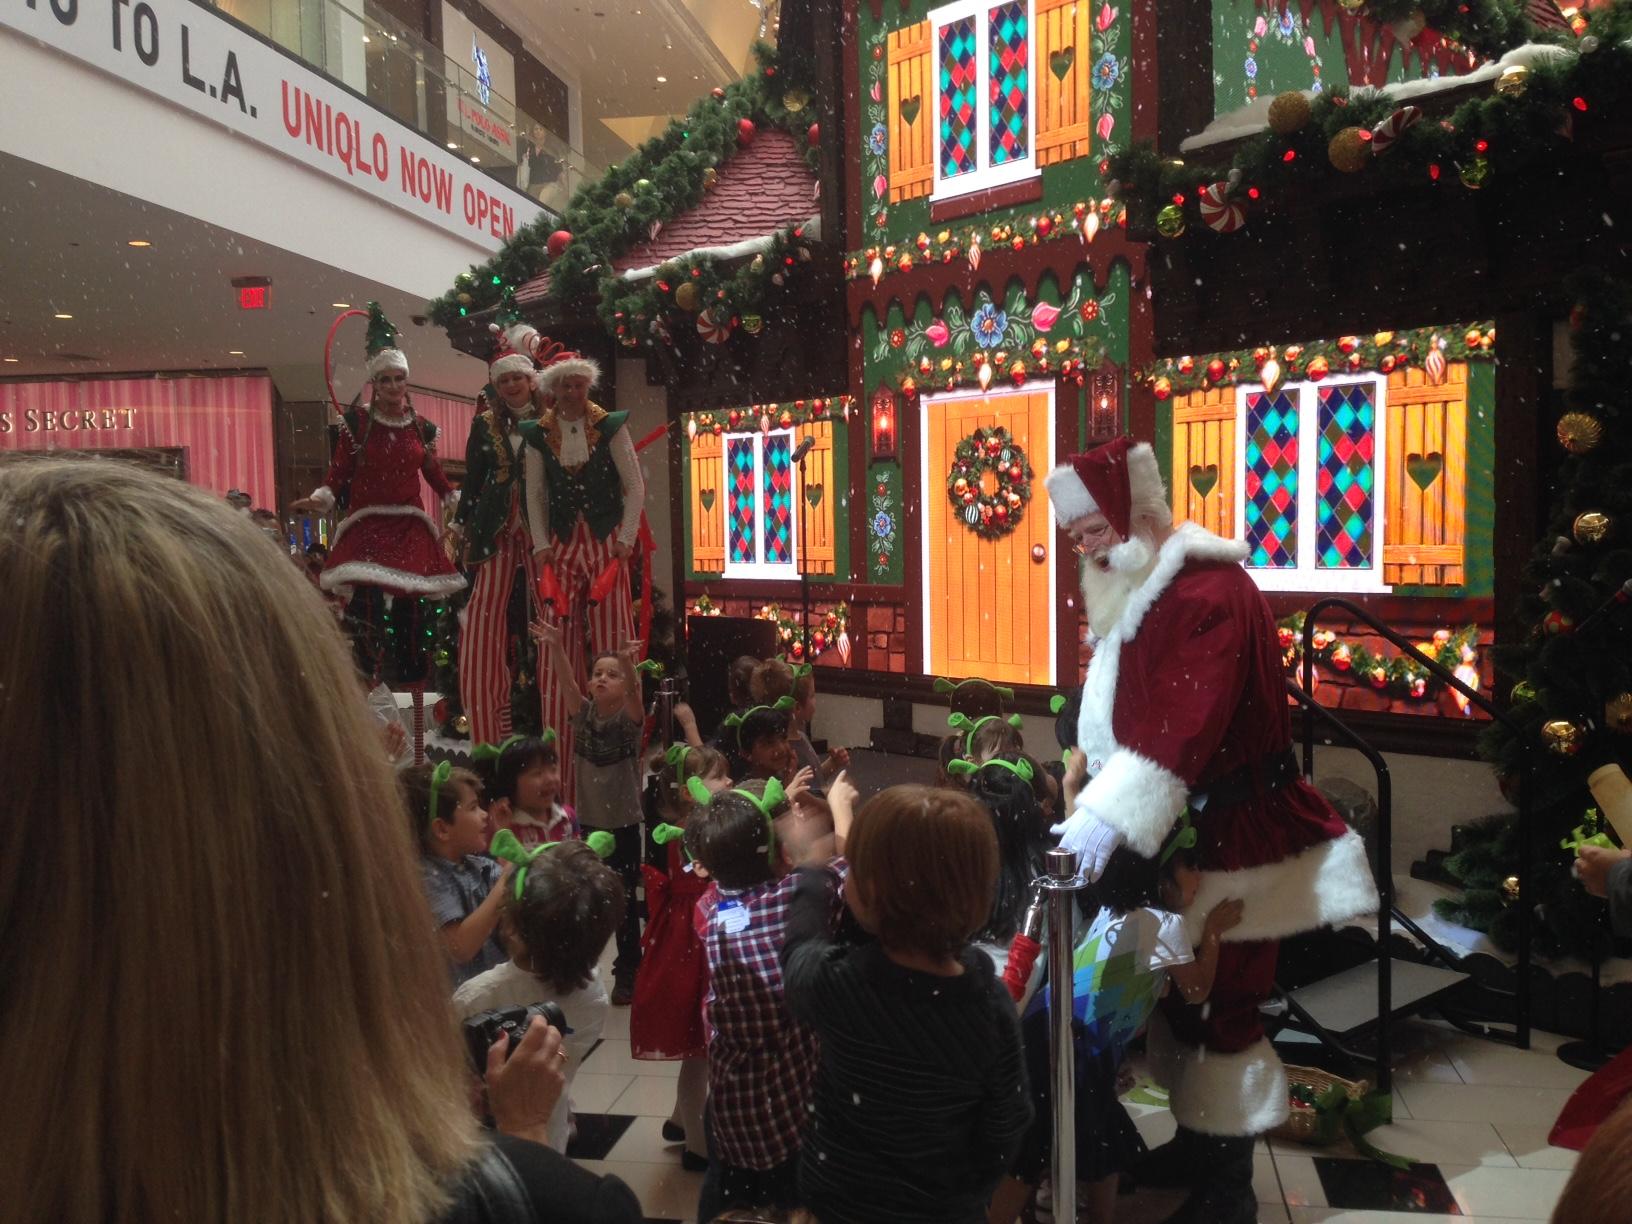 הילדים עם אוזני שרק משוחחים עם סנטה. צילום: ערן כספין